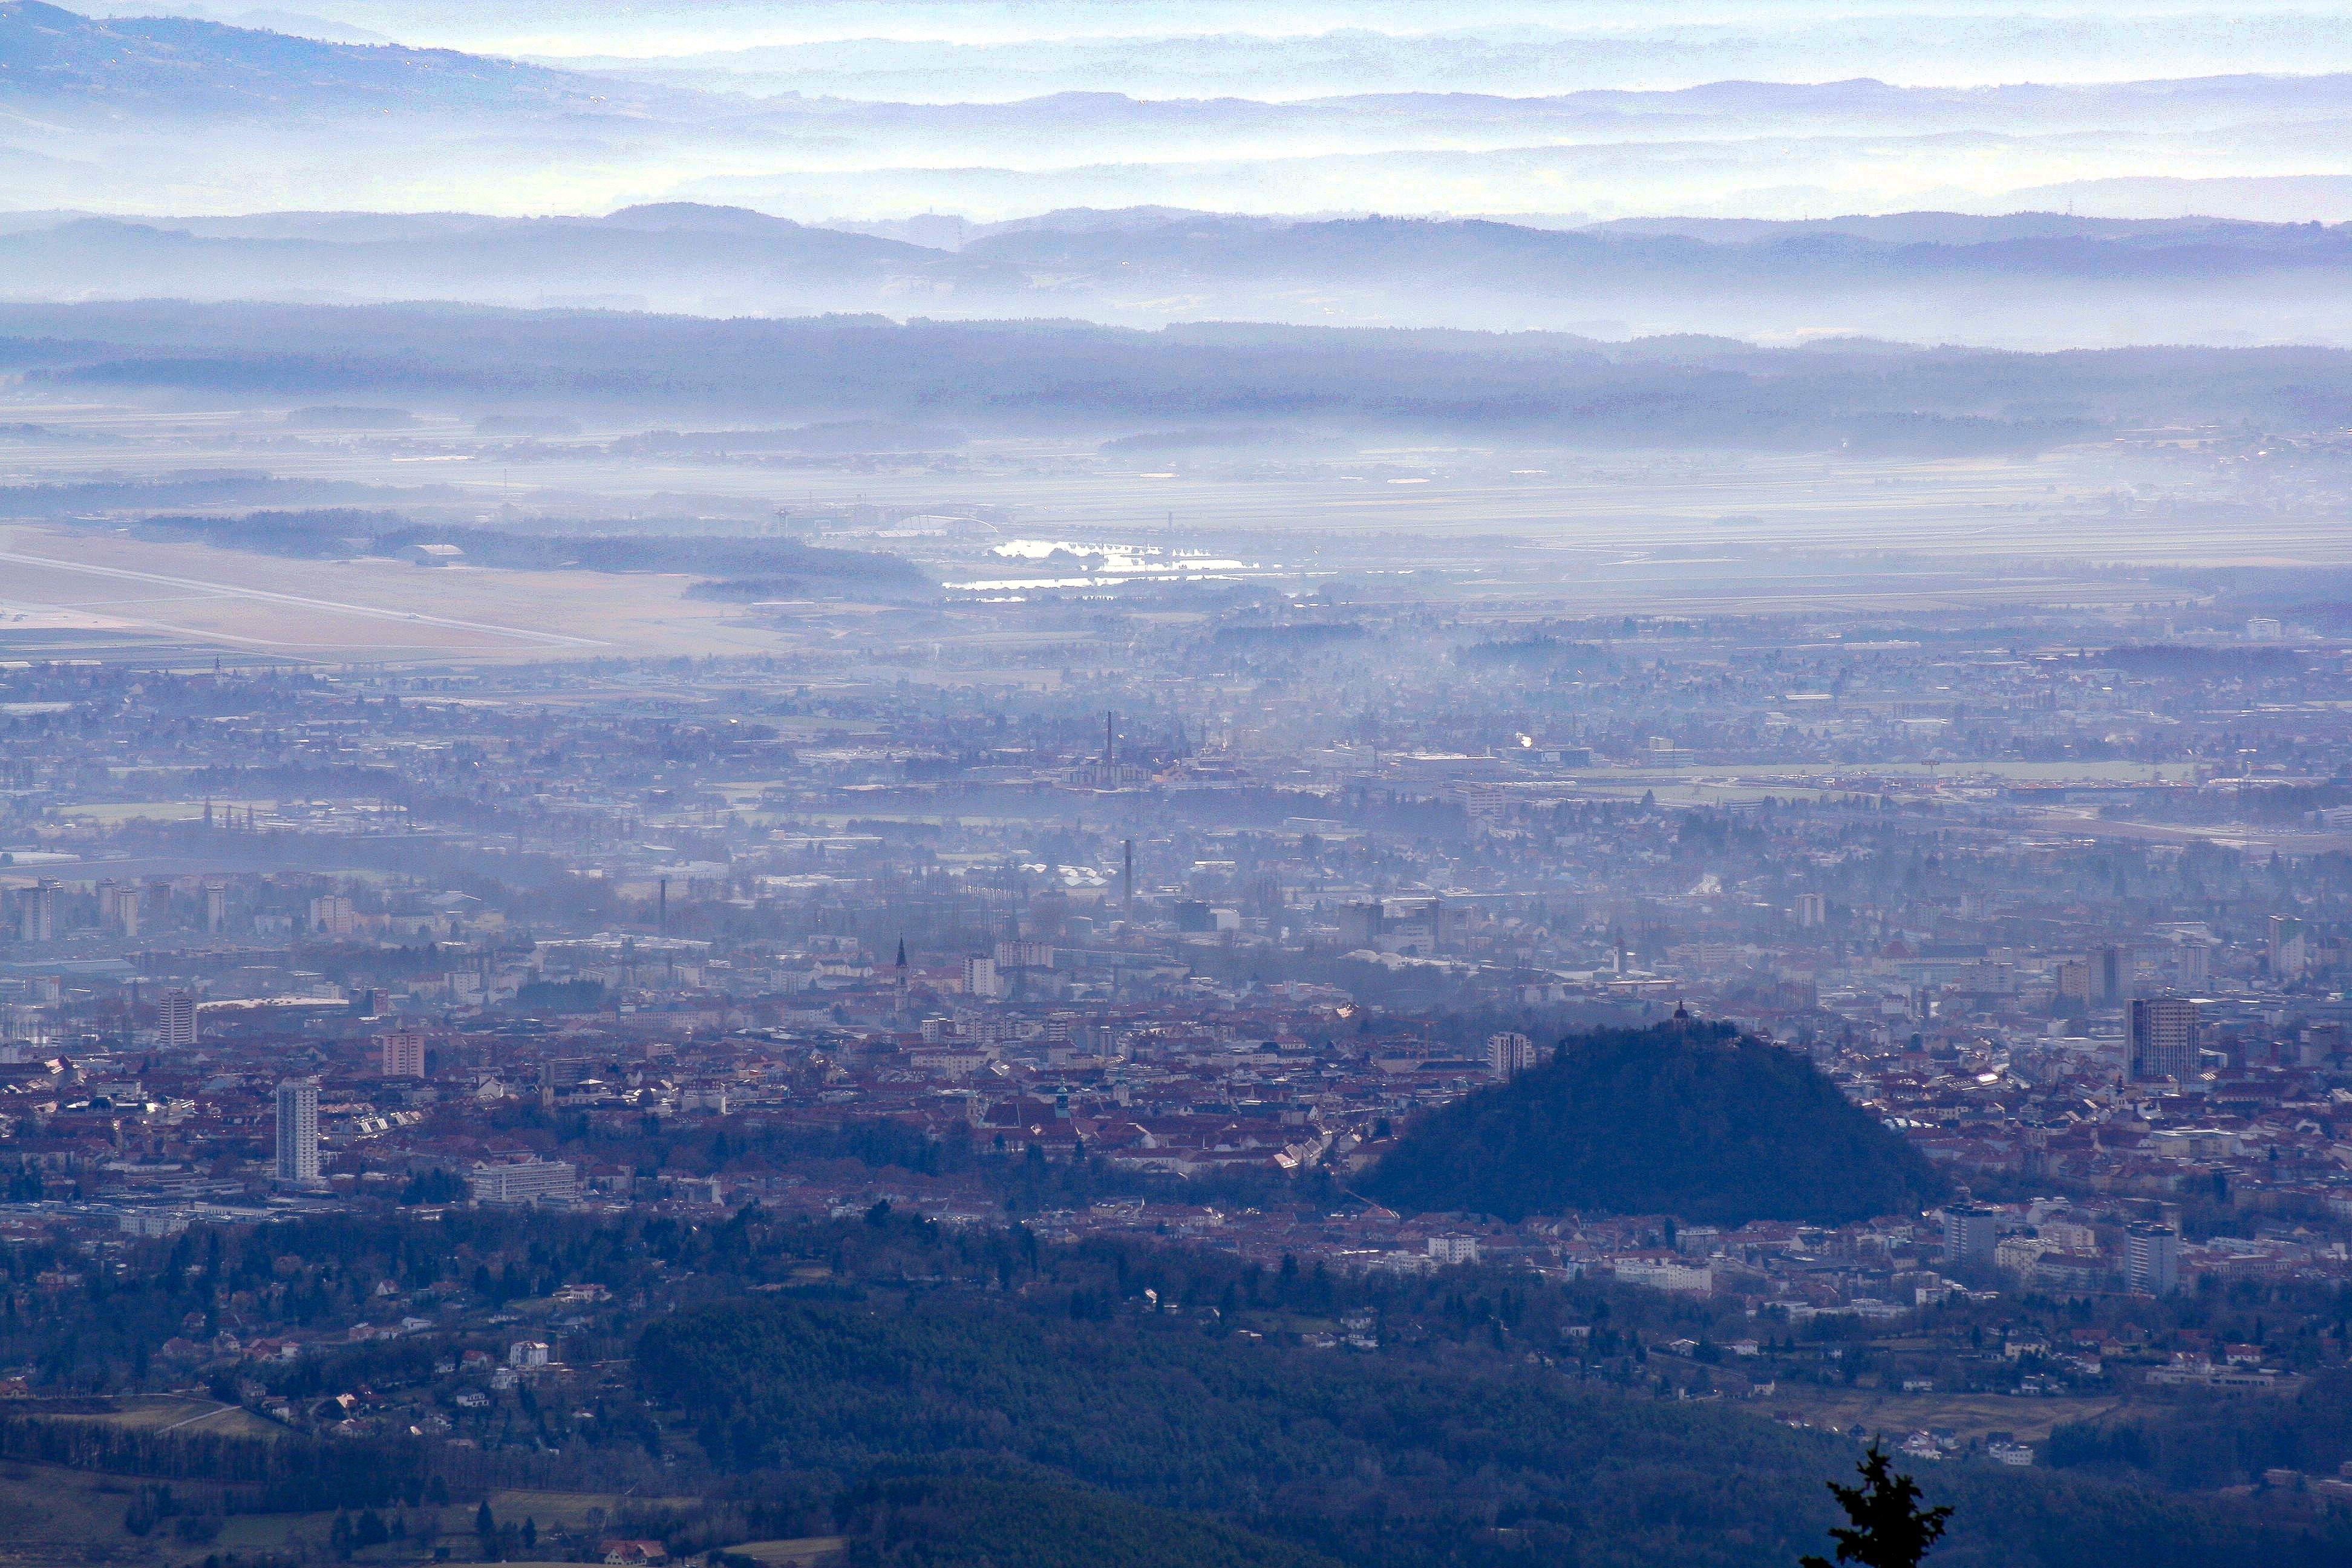 Graz, vom Gipfel des Schöckl aus gesehen, im Jänner 2007. Deutlich zu erkennen ist der Grazer Schloßberg.